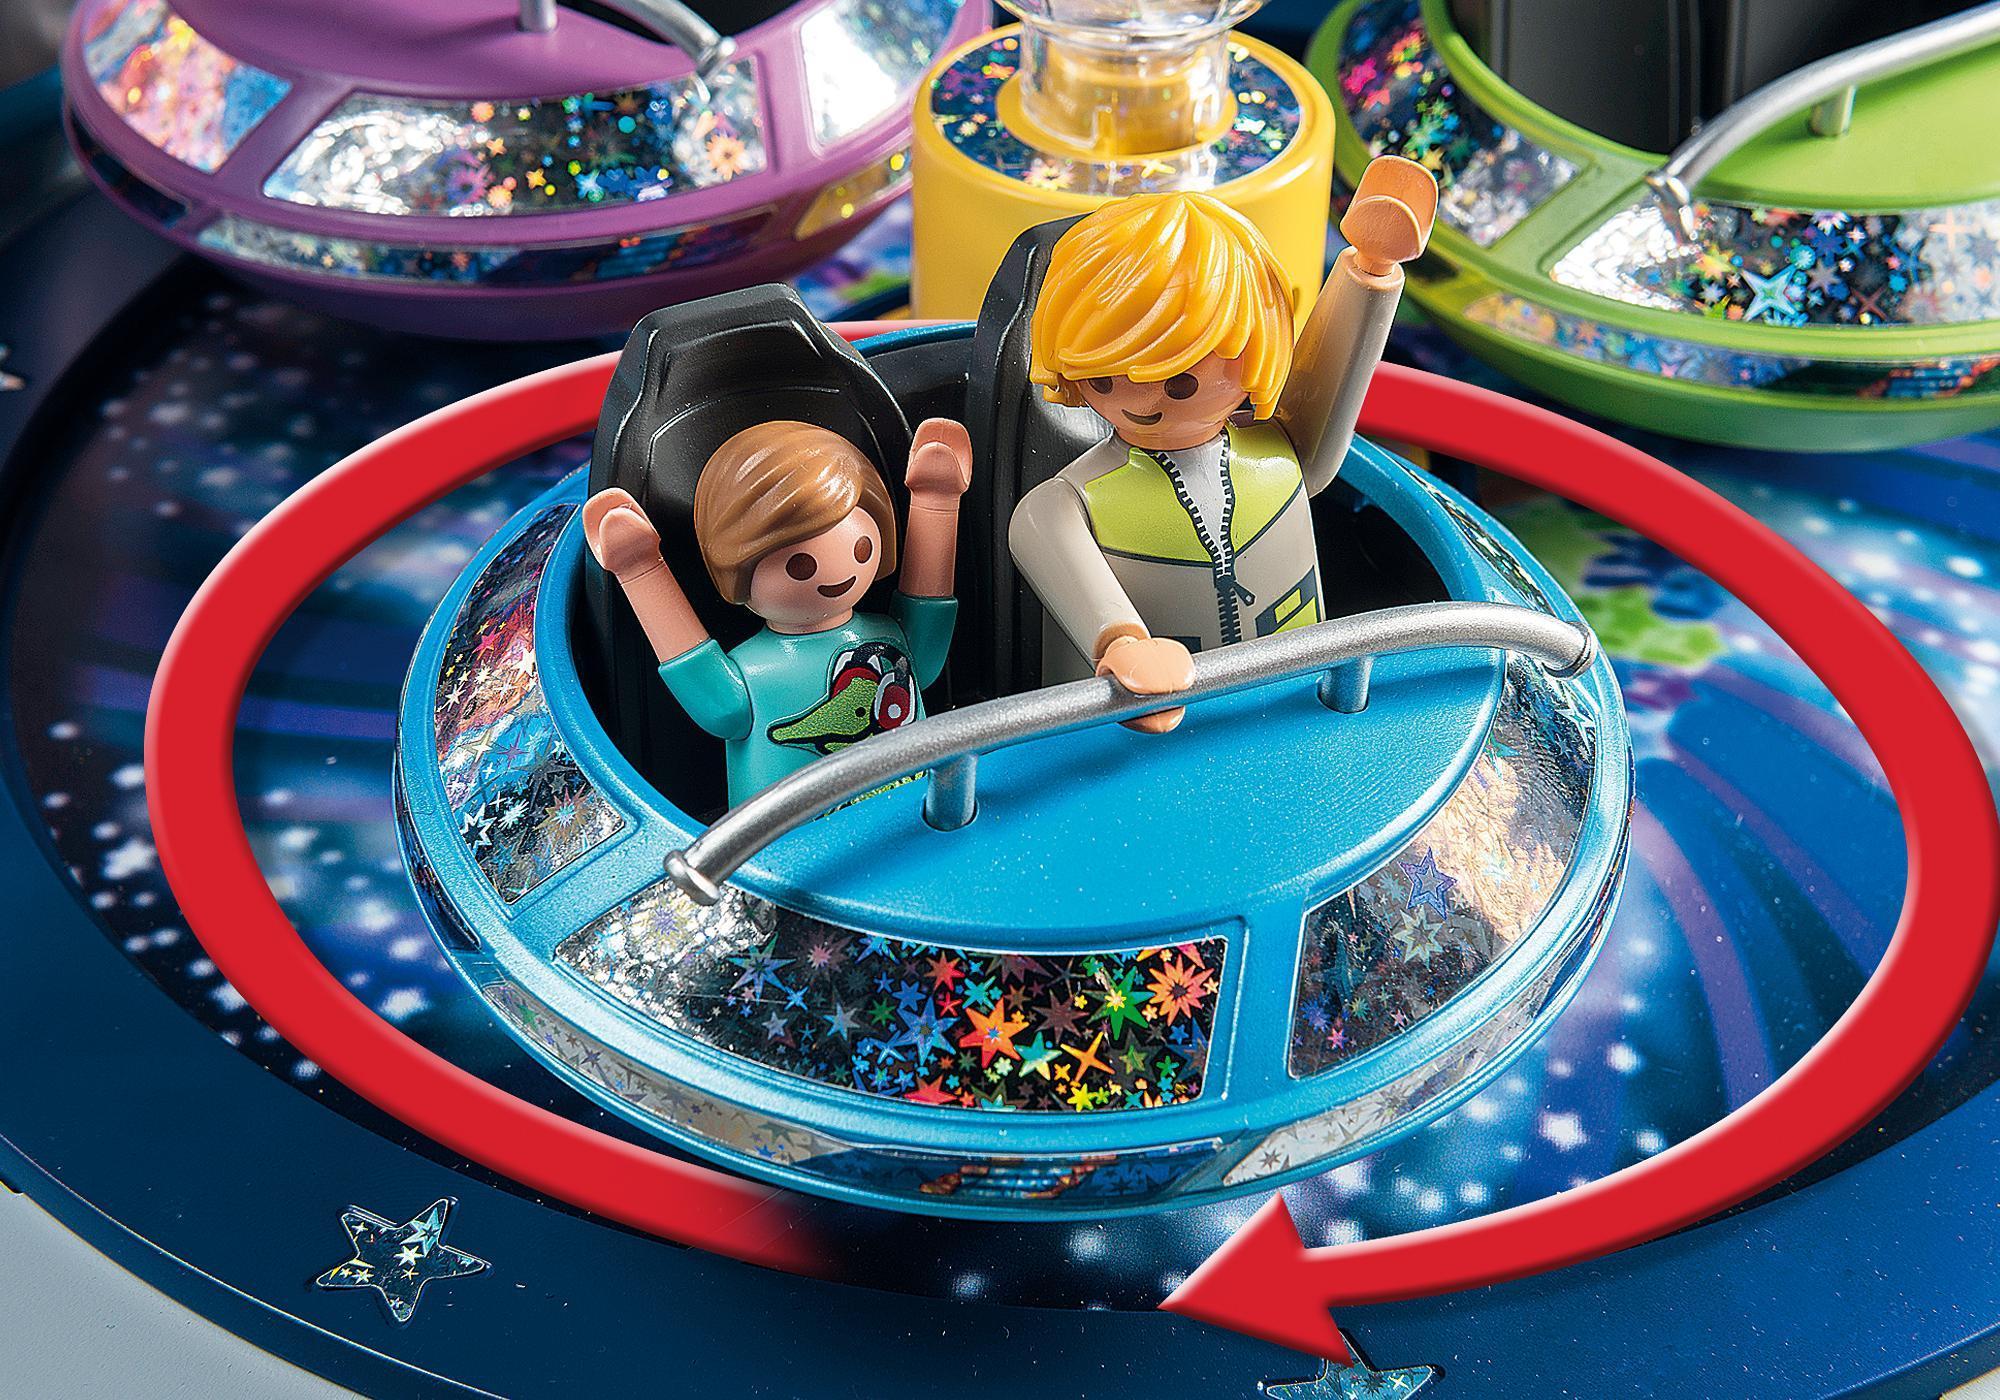 http://media.playmobil.com/i/playmobil/5554_product_extra1/Atração das Naves Giratórias com Luzes